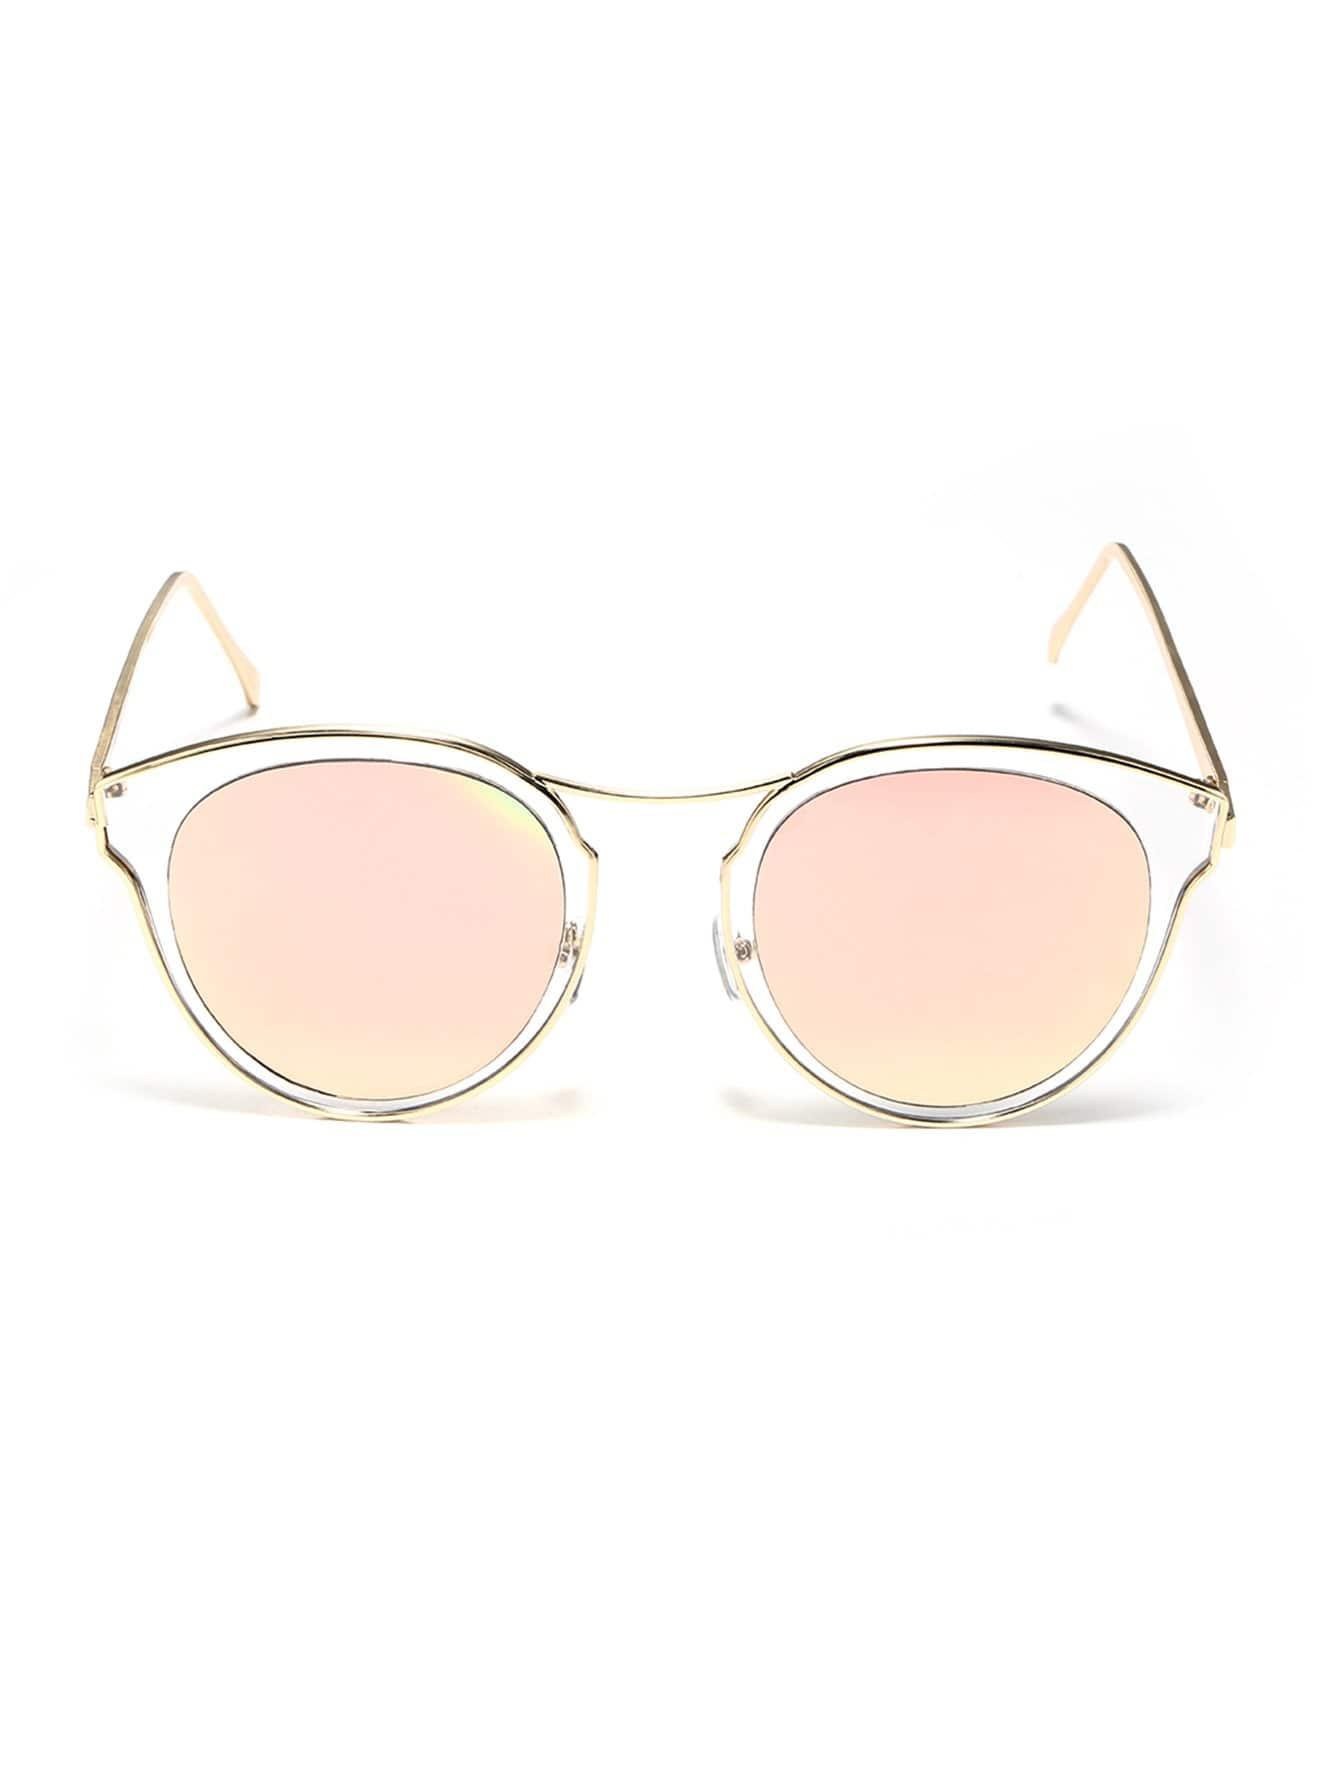 Sonnenbrille mit transparentem Rahmen und flacher Linse- German romwe